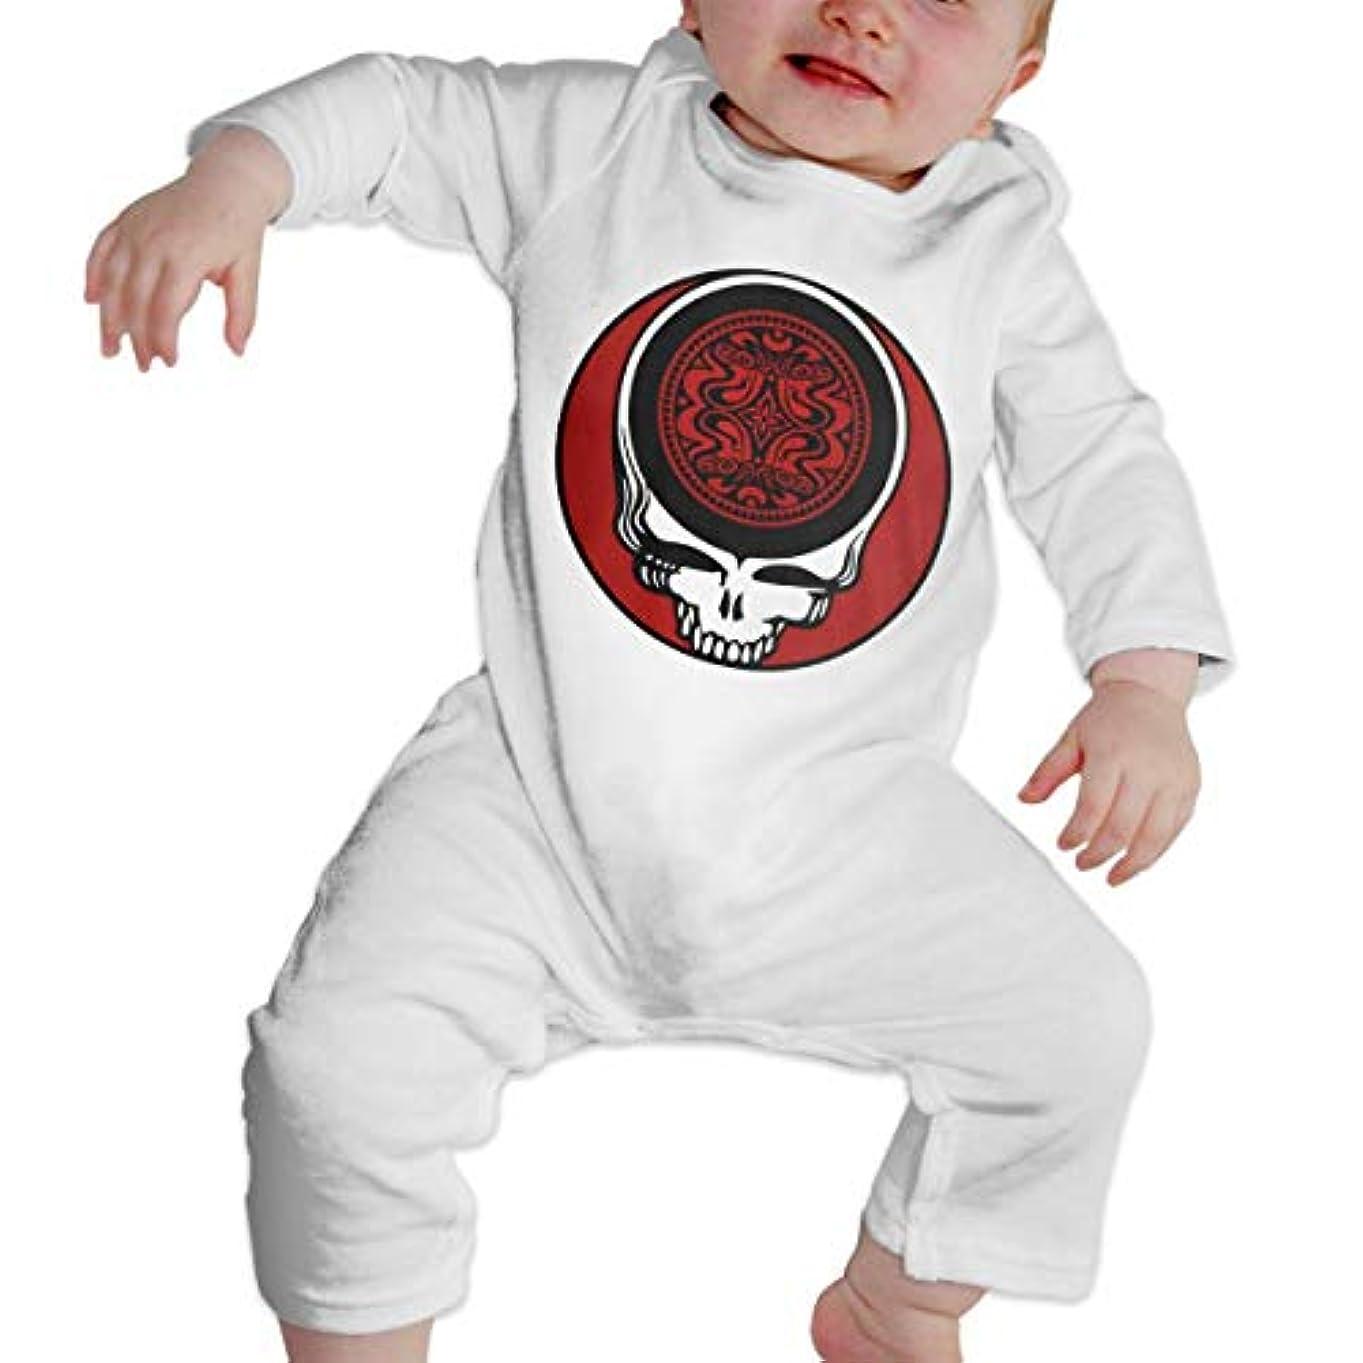 メダリスト手順ペンダントBaby's、Kid's、Infant Utility、Cotton ジャンプスーツ、ロンパース、衣類、ボディスーツユニセックスベビークローラーホワイト 18M